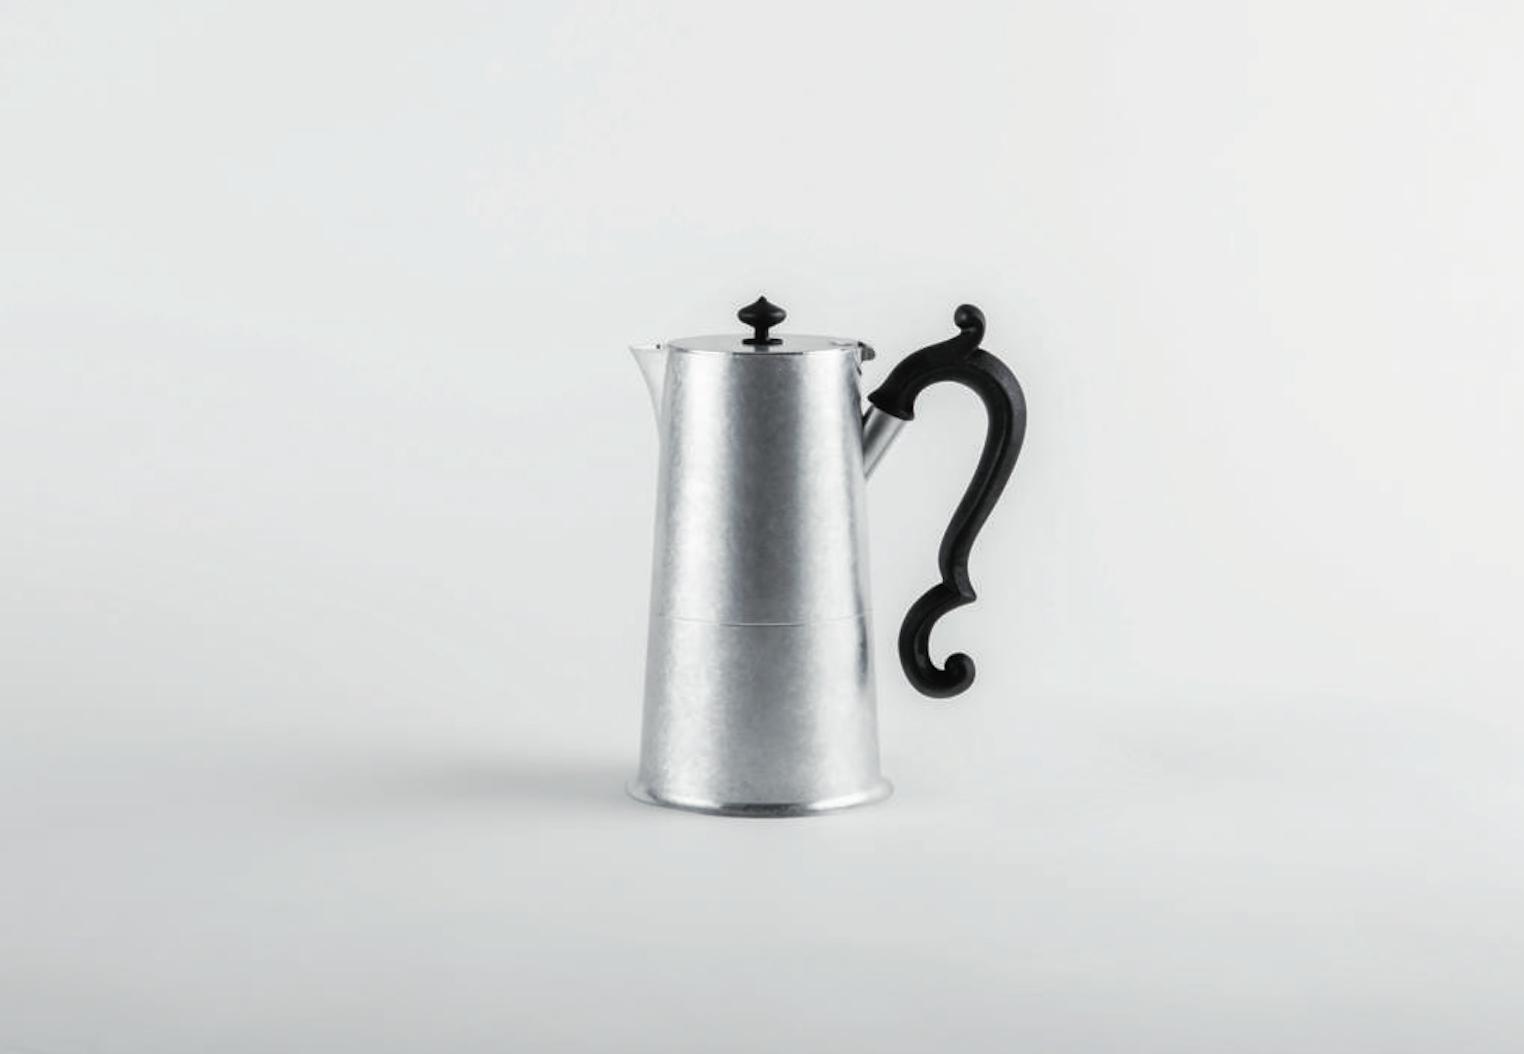 Op komst: Lady Anne espresso maker